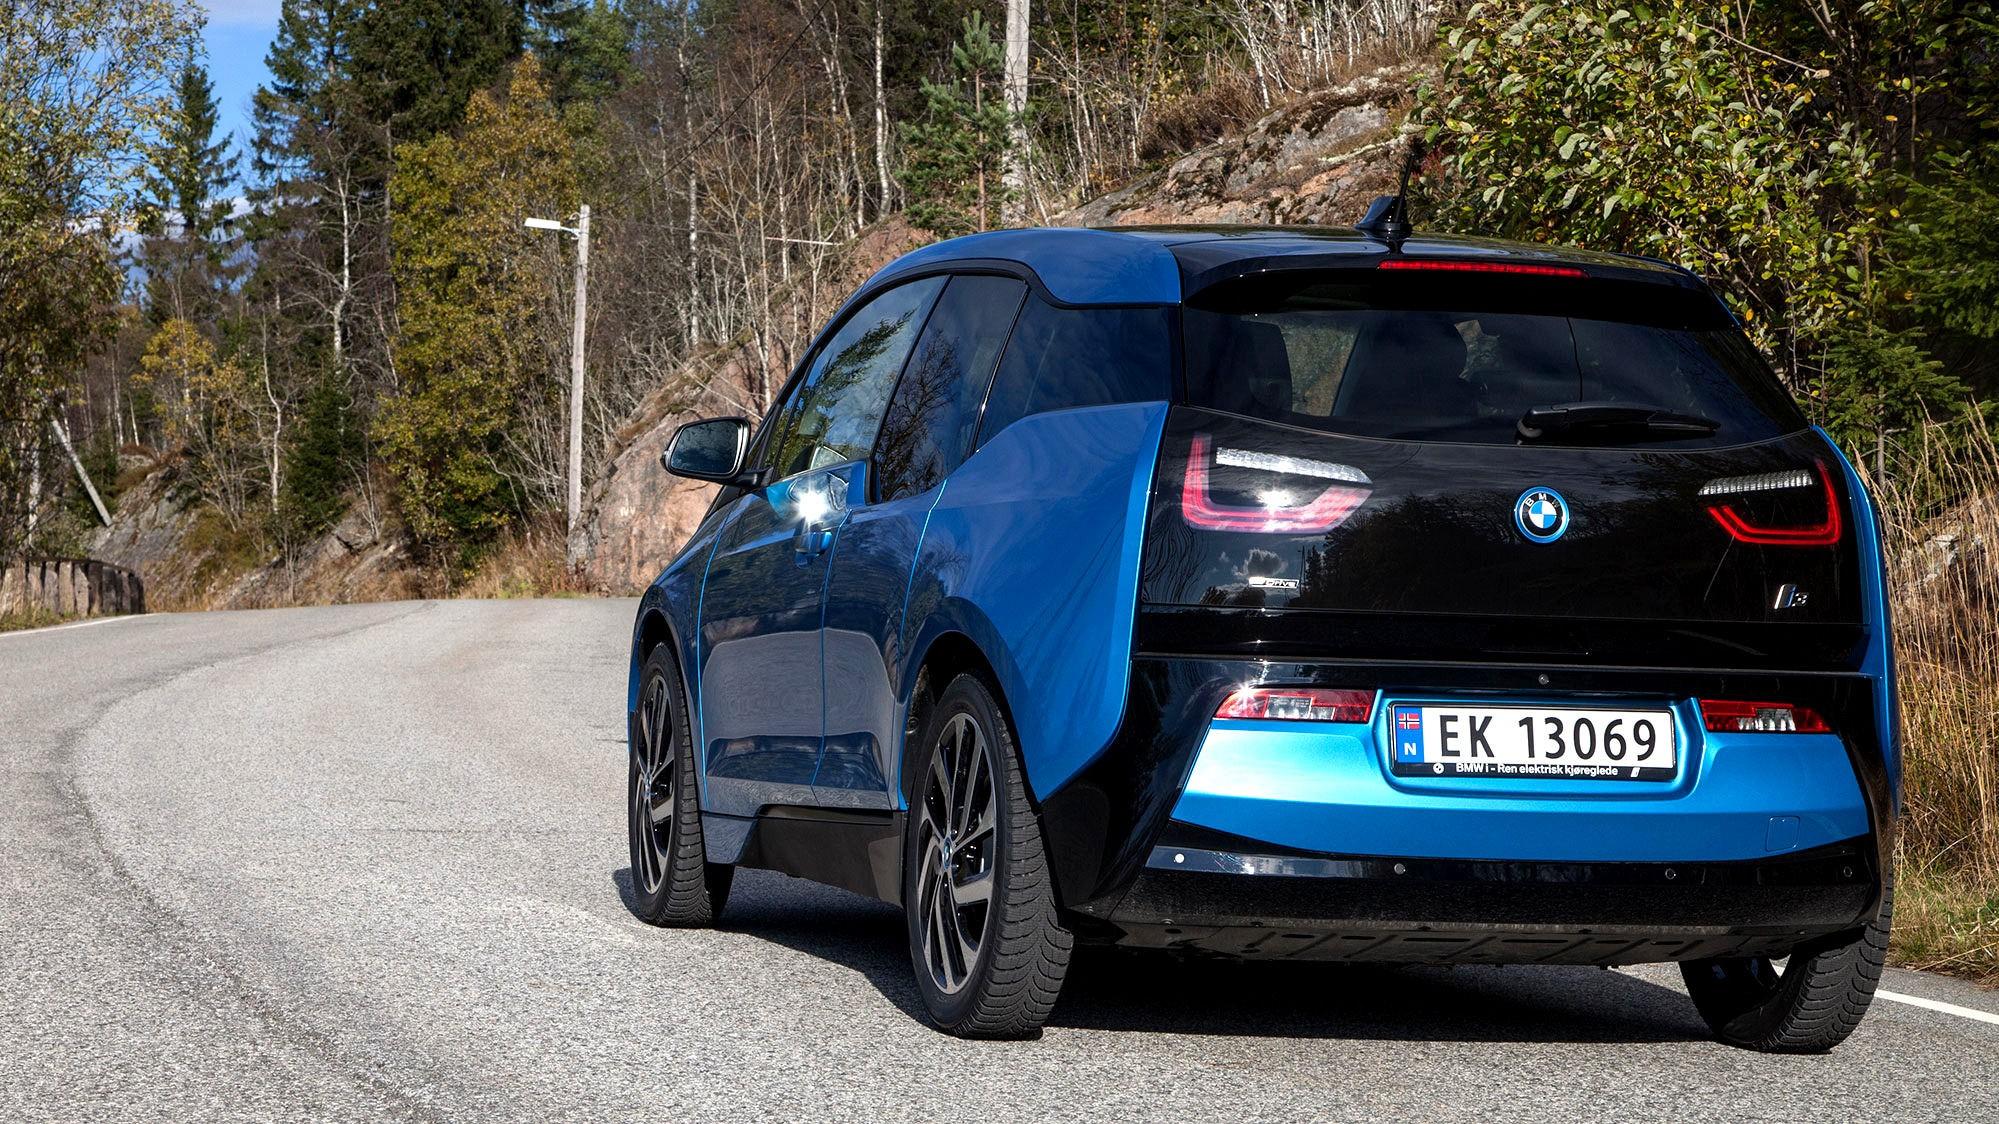 BMW i3: Elbilen BMW i3 med ny batteripakke skal ifølge reklamen holde i 30 mil før batteriet må lades igjen. Side3 har testet om det er praktisk mulig med den samme komforten og kjørehastigheten som i en fossilbil. Etter 16 mil var det stans.